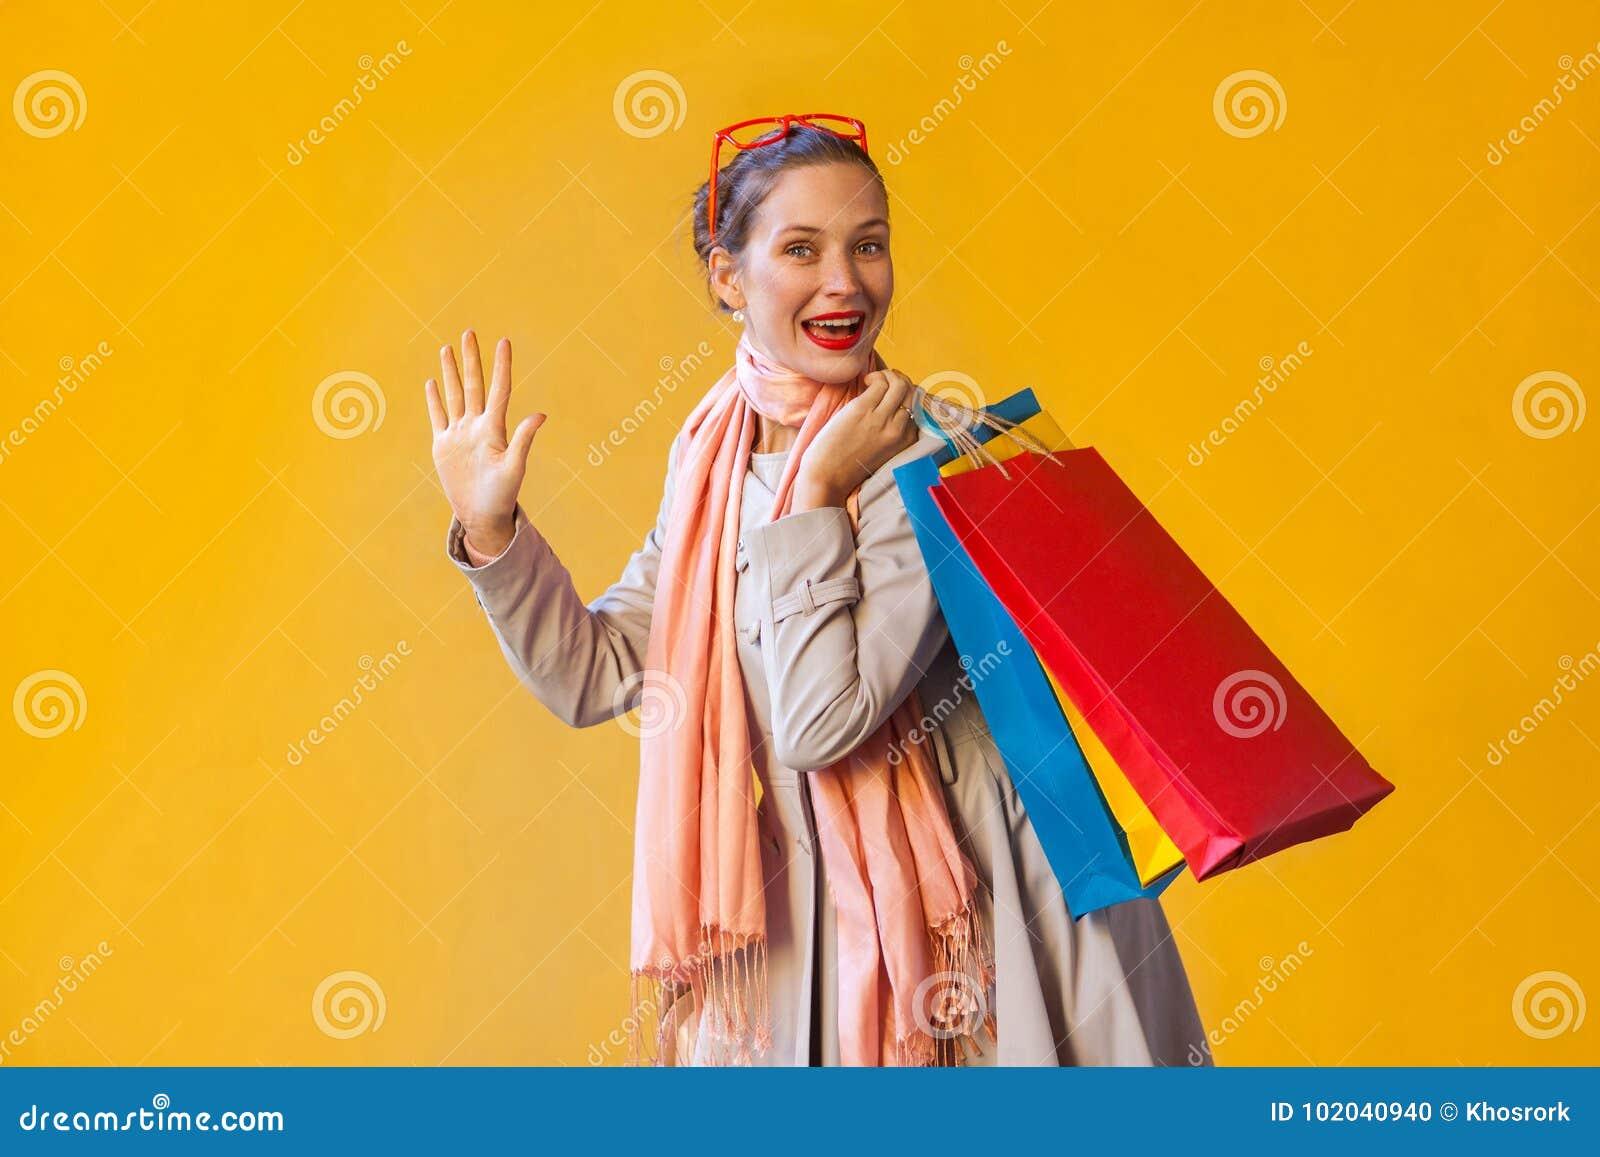 Hello! Verzamelt de geluk jonge volwassen vrouw met sproeten, haar,